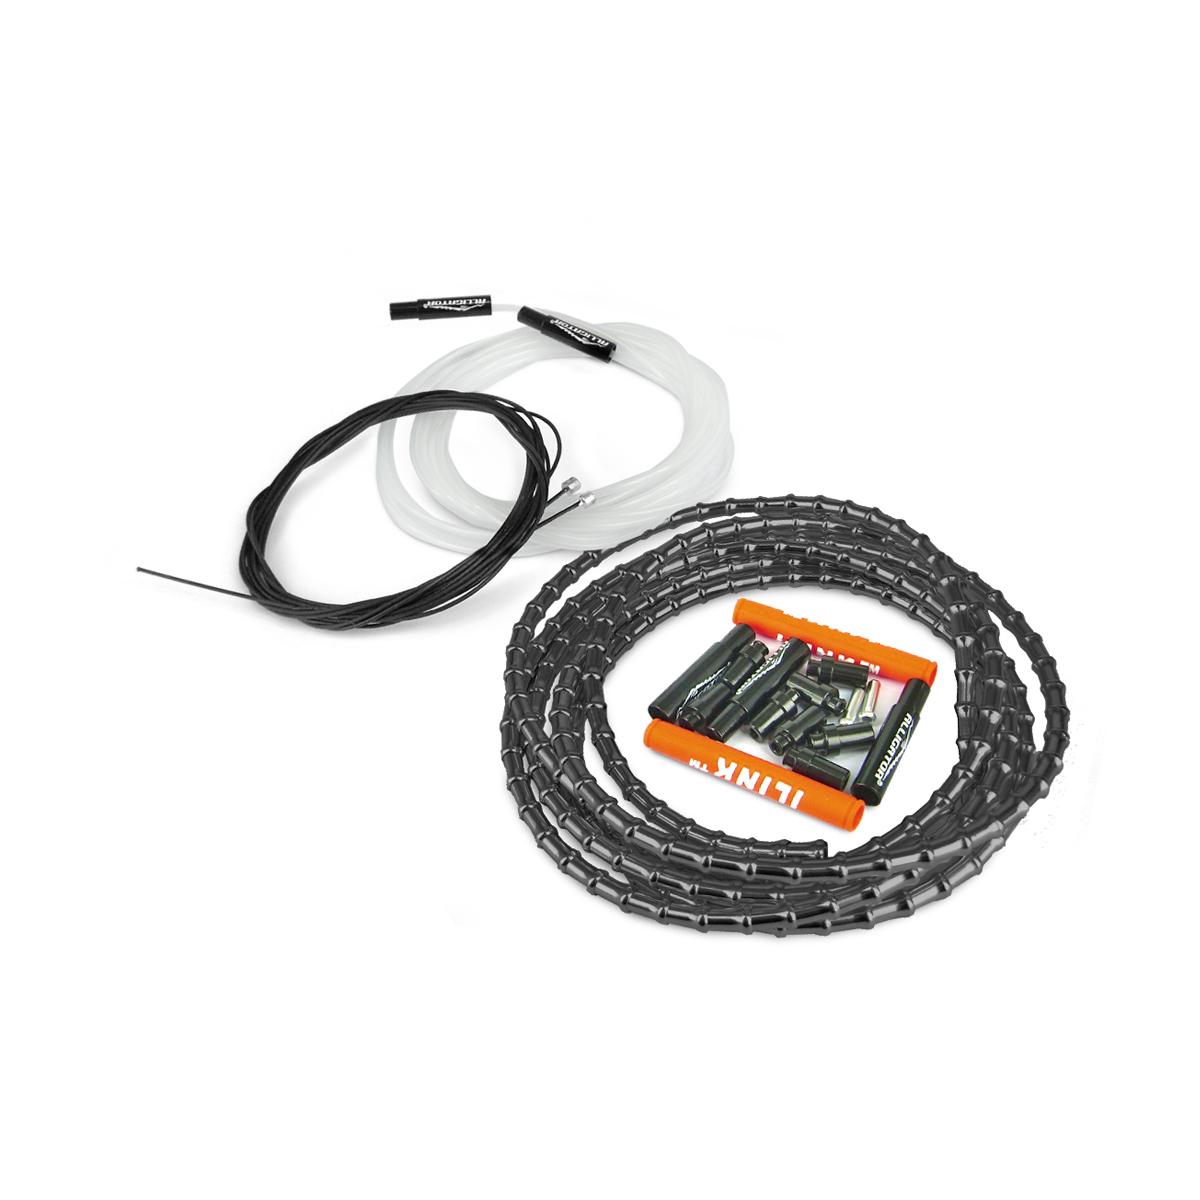 Kit Alligator ILINK frein VTT et route Noir